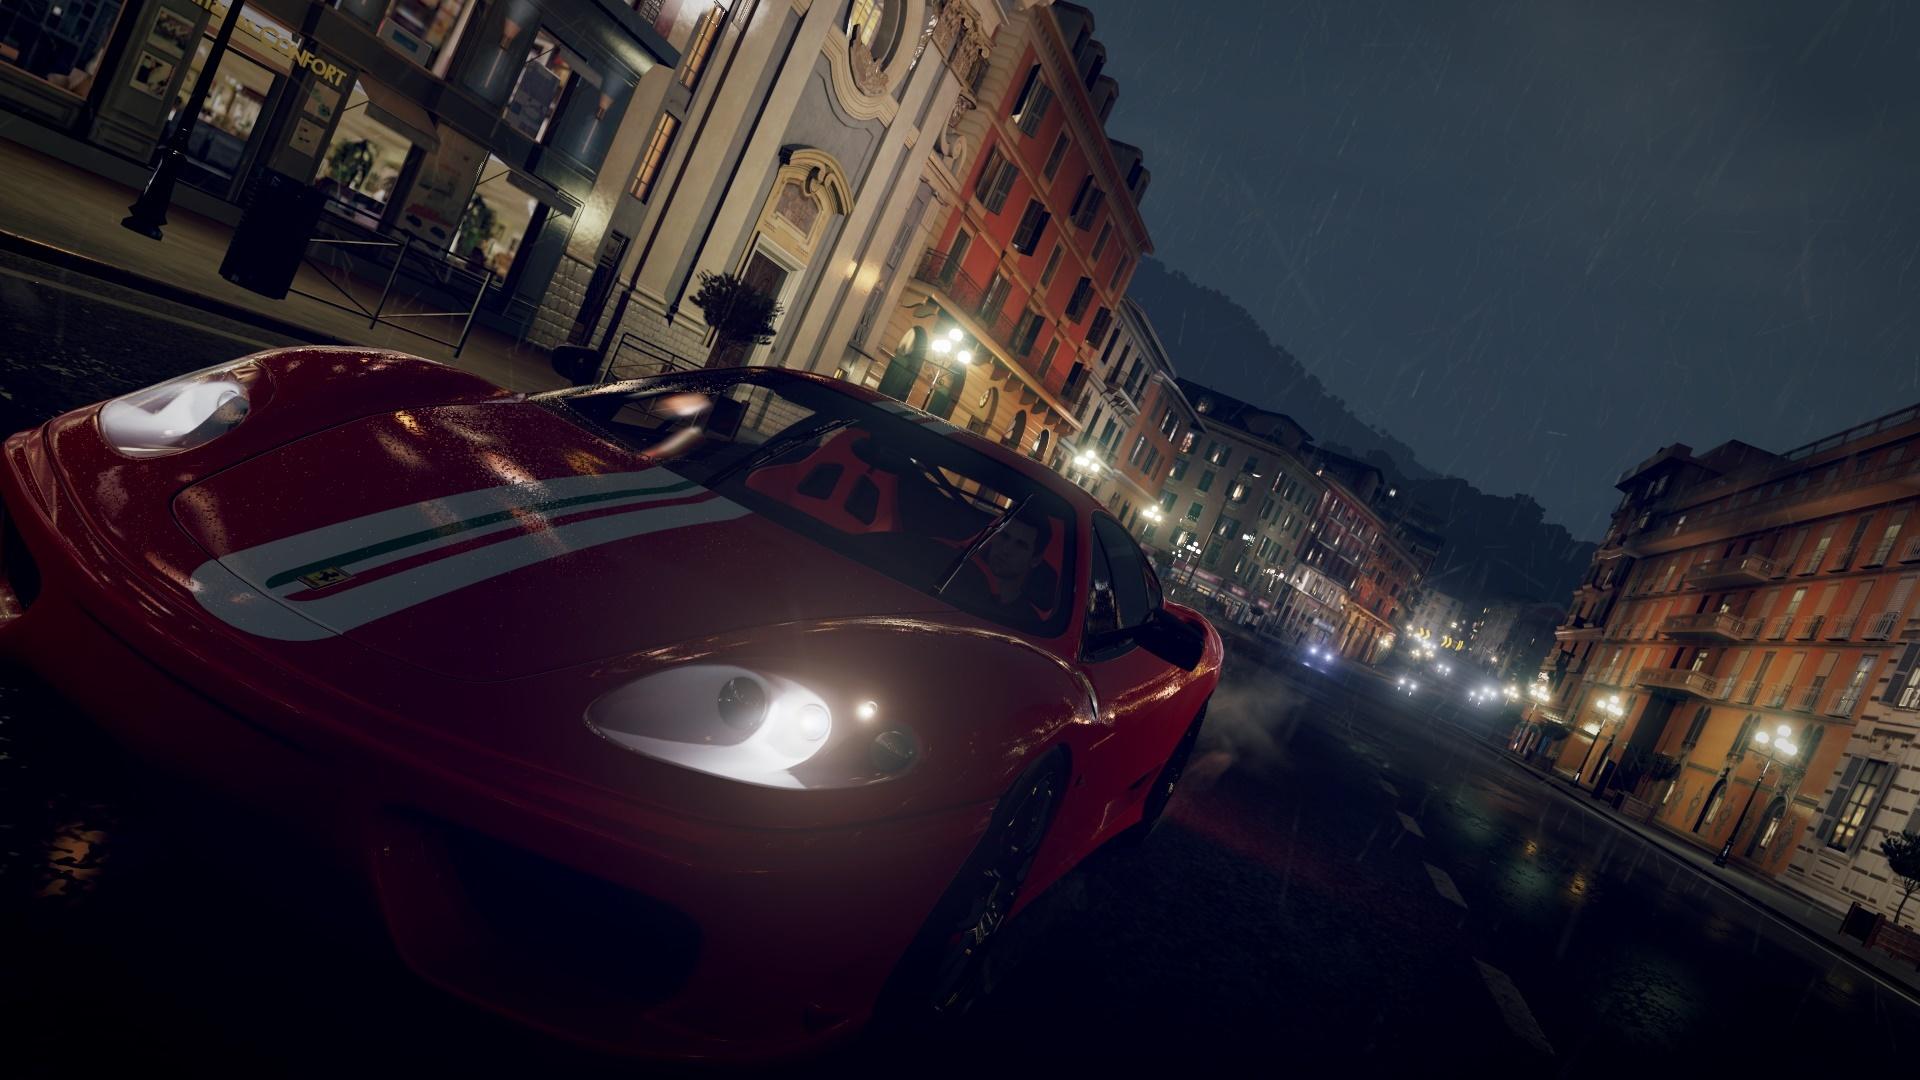 ポリフォ山内 「フェラーリの赤まで正確に表現できるのは世界でGT Sportだけ」 [無断転載禁止]©2ch.netYouTube動画>32本 ->画像>756枚